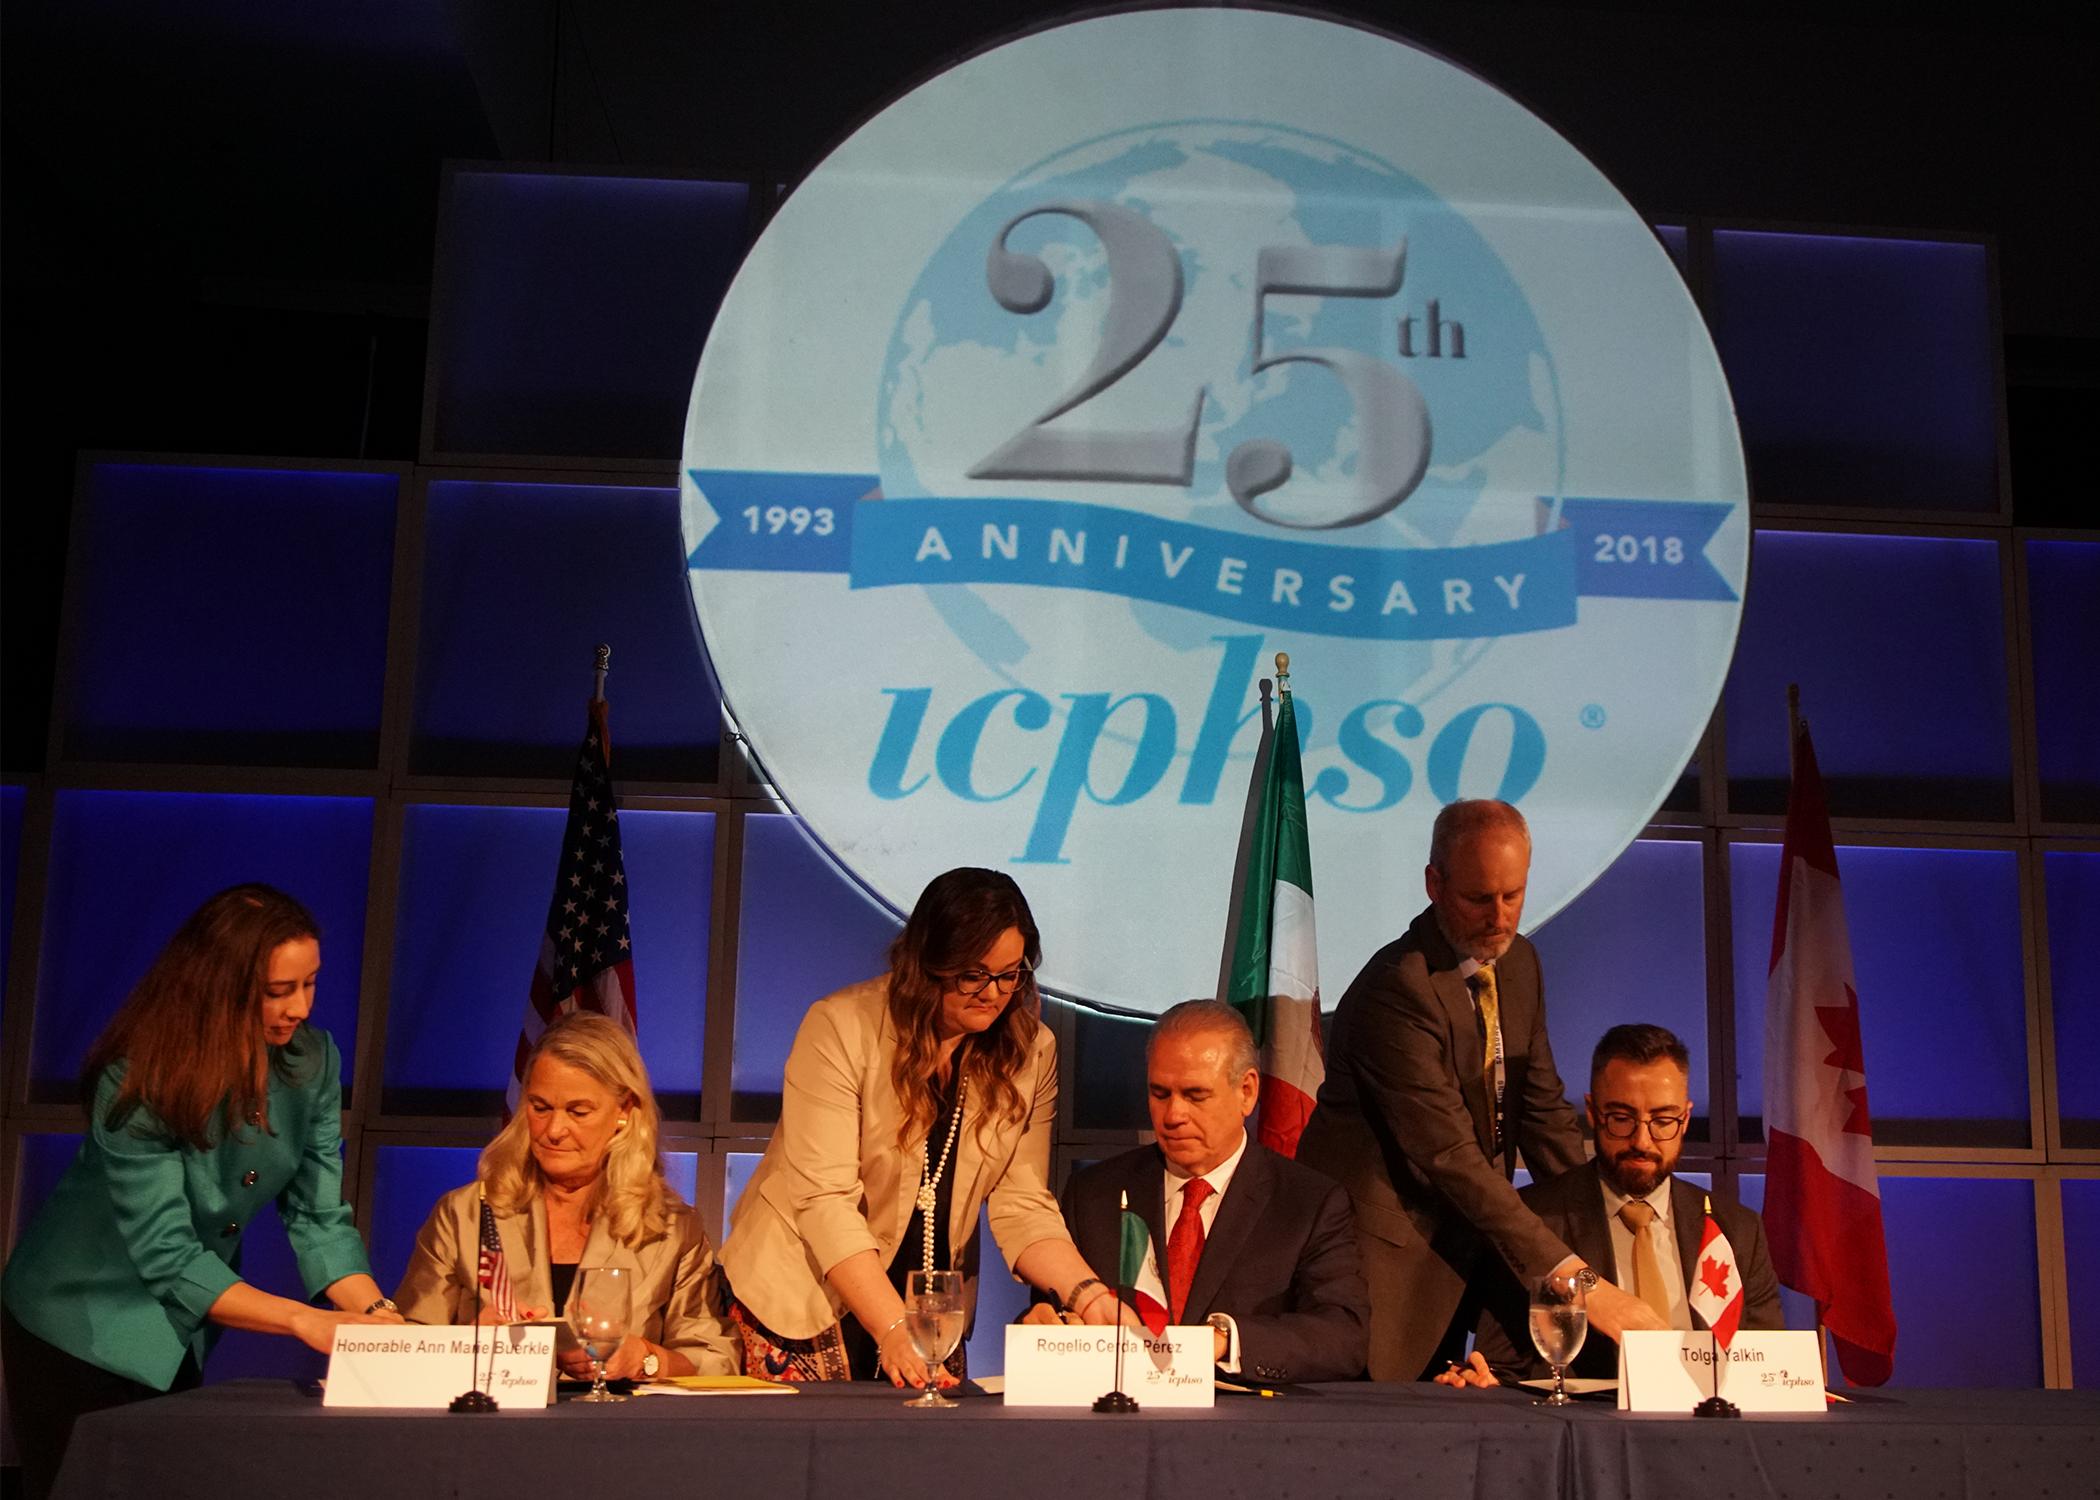 Reguladores de la seguridad de los productos en Norteamérica acuerdan incrementar la cooperación para la seguridad de los productos de consumo; se firma memorando trilateral de entendimiento durante la reunión anual de una asociación multilateral